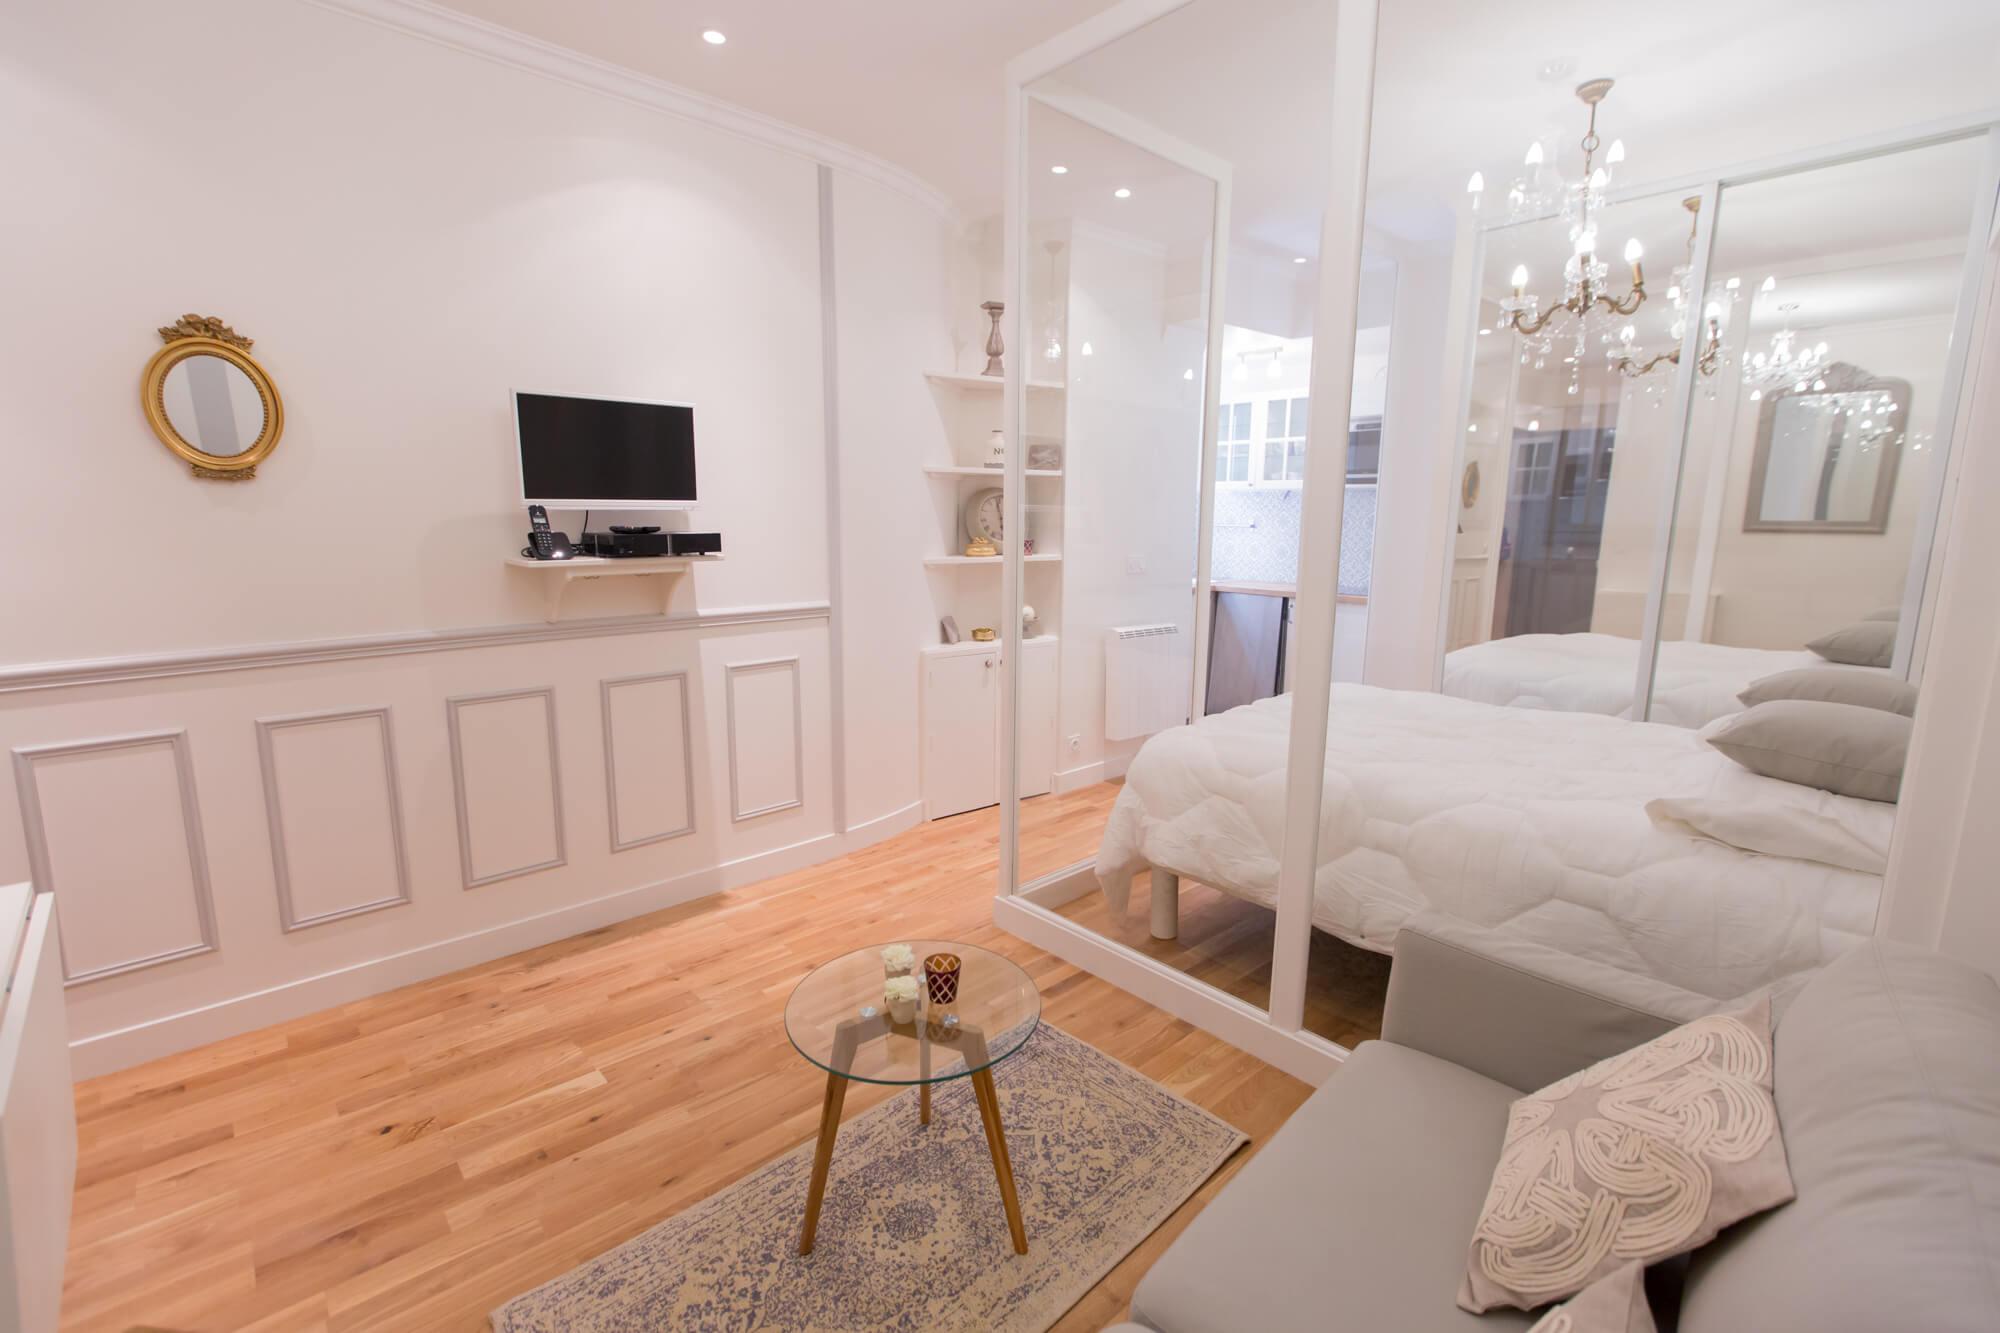 architecte d int rieur en ligne la solution e. Black Bedroom Furniture Sets. Home Design Ideas